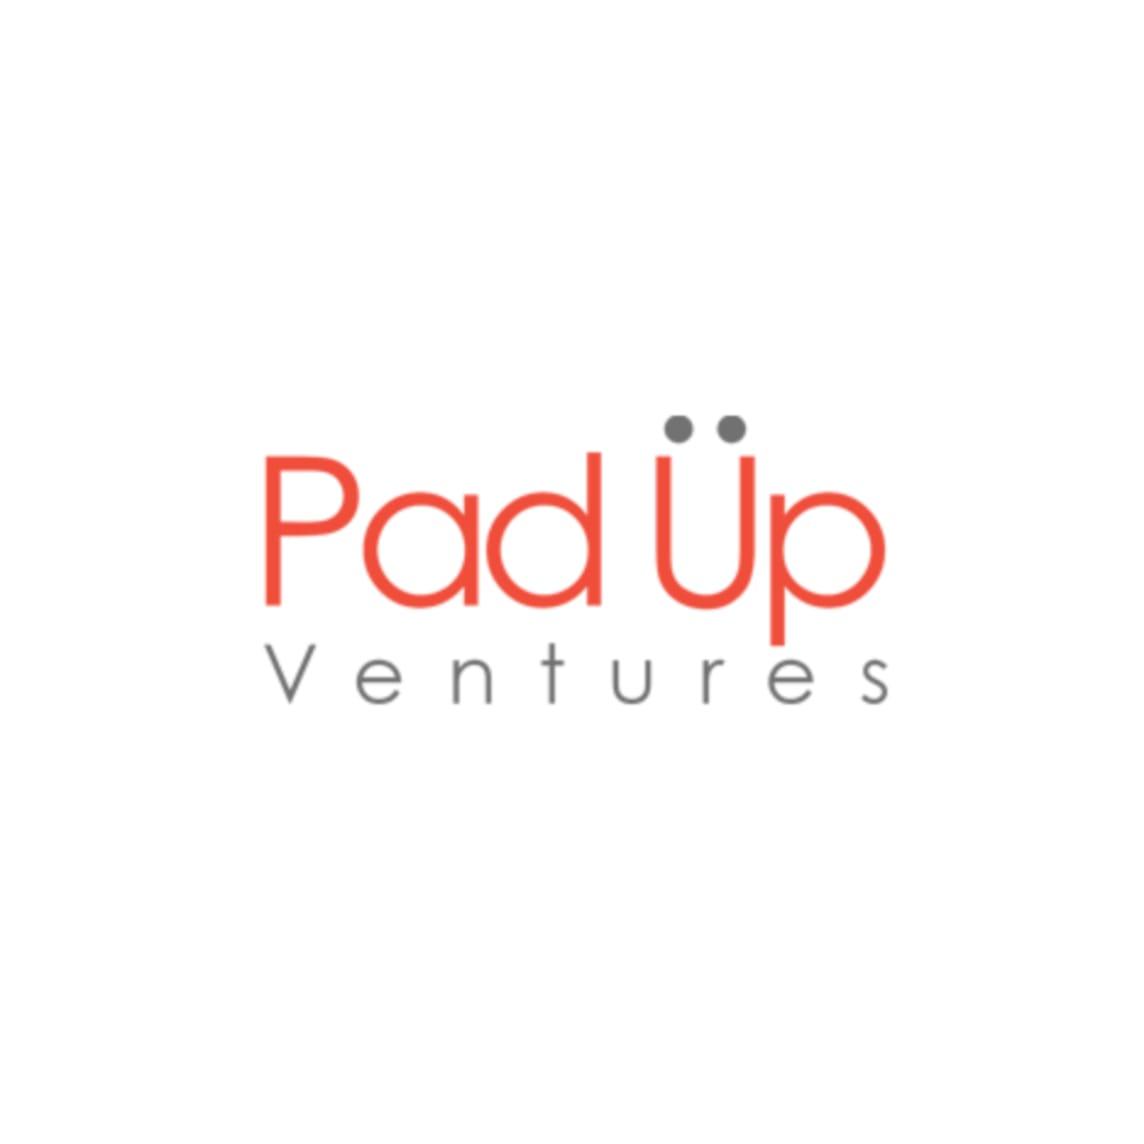 Pad Up Ventures